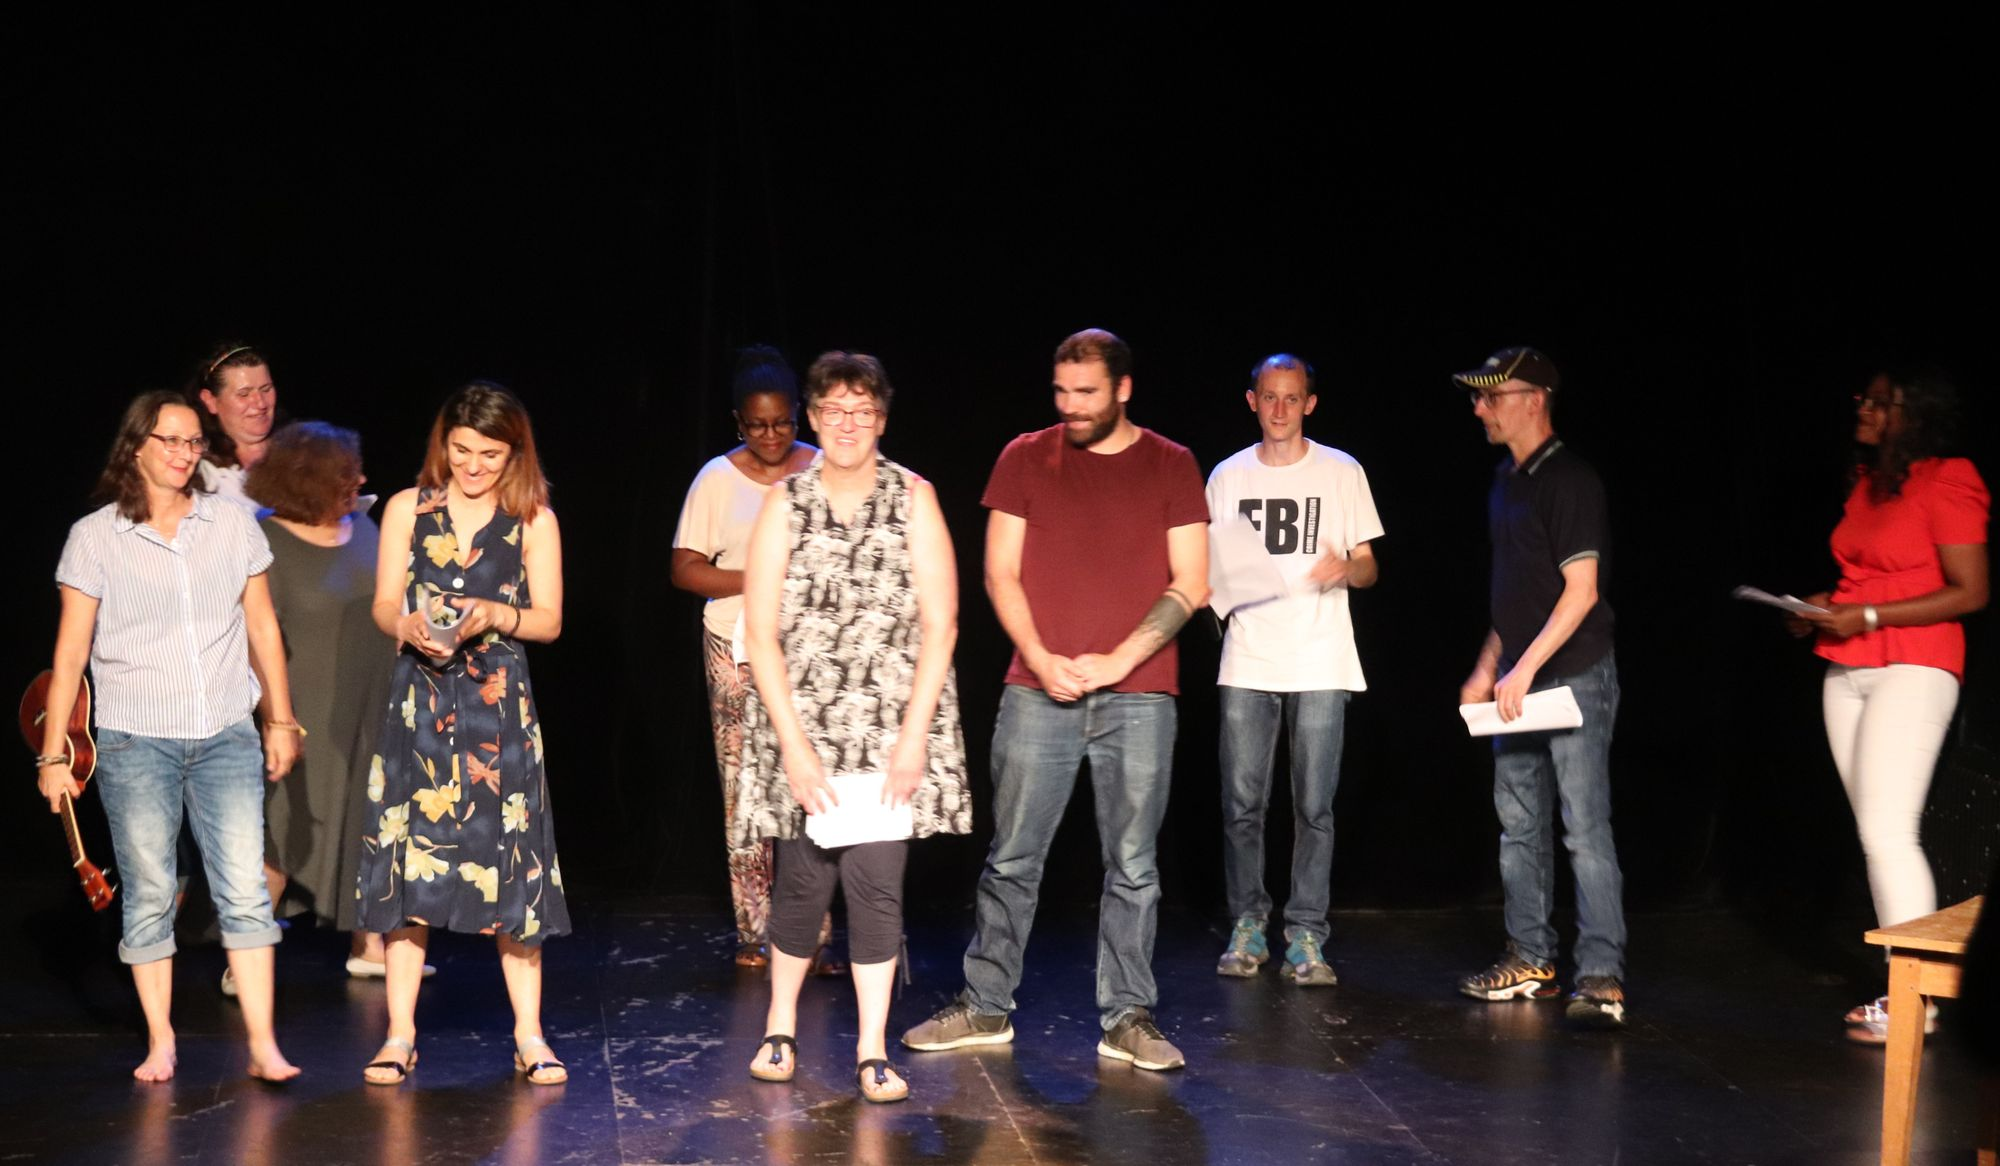 Besançon - Le théâtre, comme une échappatoire